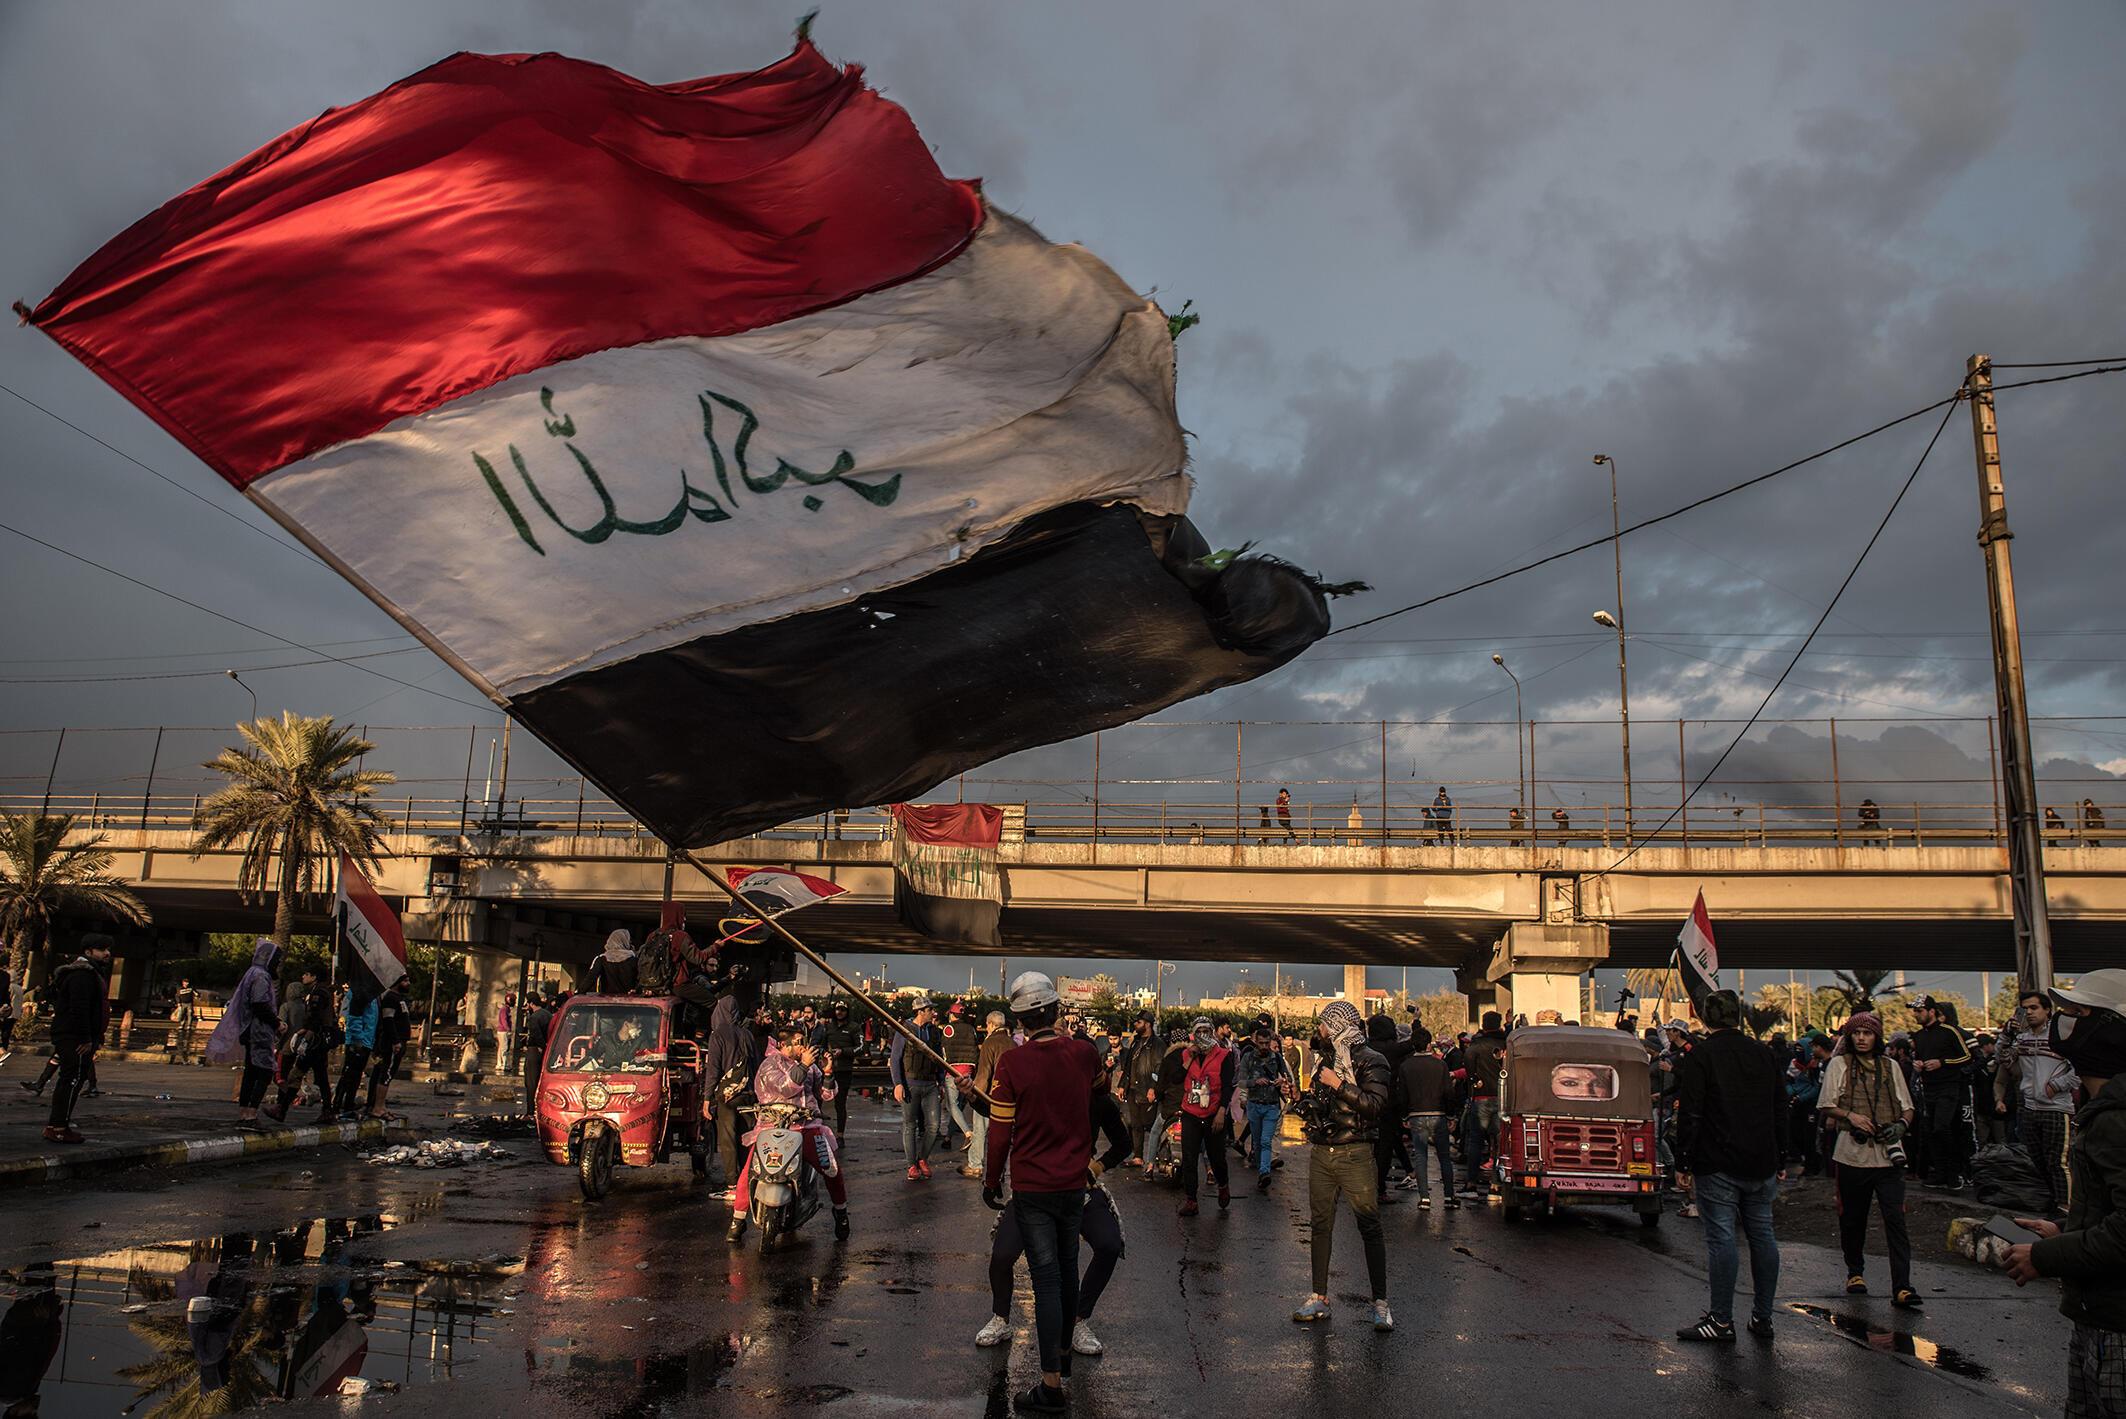 Un homme agite le drapeau irakien lors d'un cortège funèbre symbolique pour un manifestant tué la veille dans des affrontements avec les forces de sécurité. Bagdad, 21 janvier 2020.